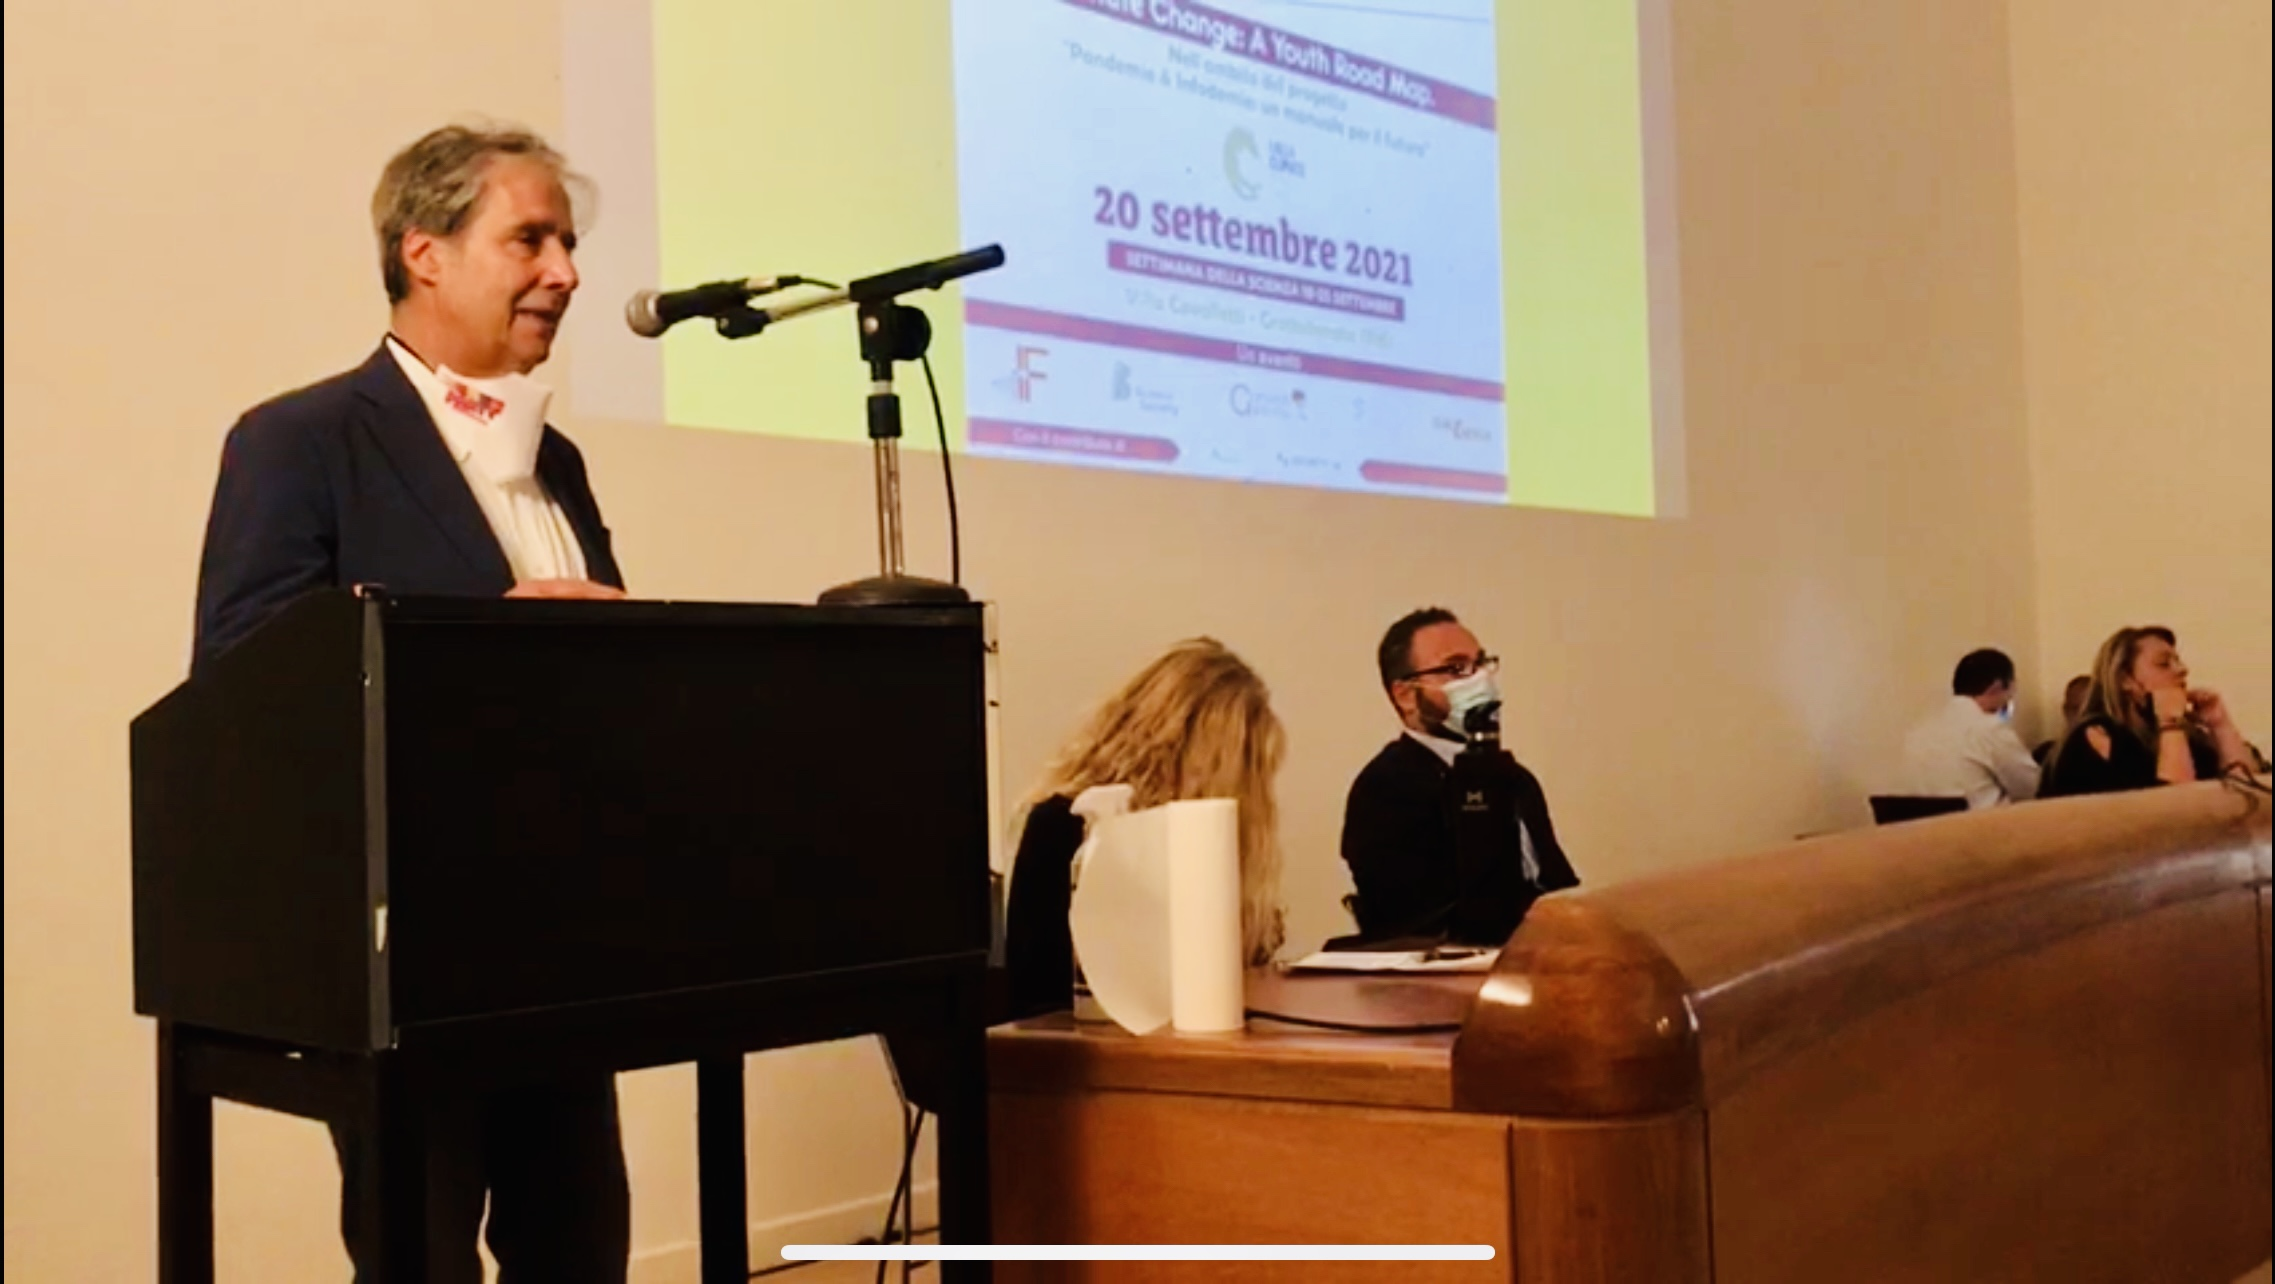 Grottaferrata – Il sindaco di Grottaferrata ha aperto il forum in corso a Villa Cavalletti